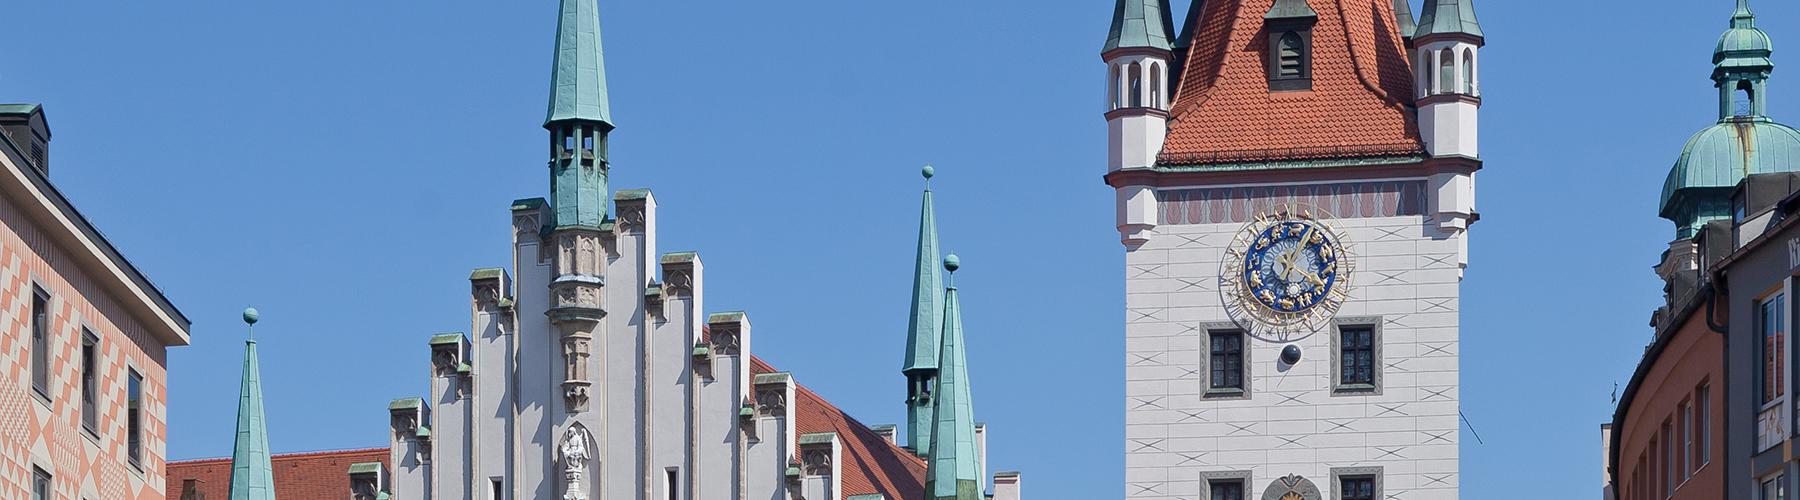 뮌헨 - 구 시청사에 가까운 호스텔. 뮌헨의 지도, 뮌헨에 위치한 호스텔에 대한 사진 및 리뷰.